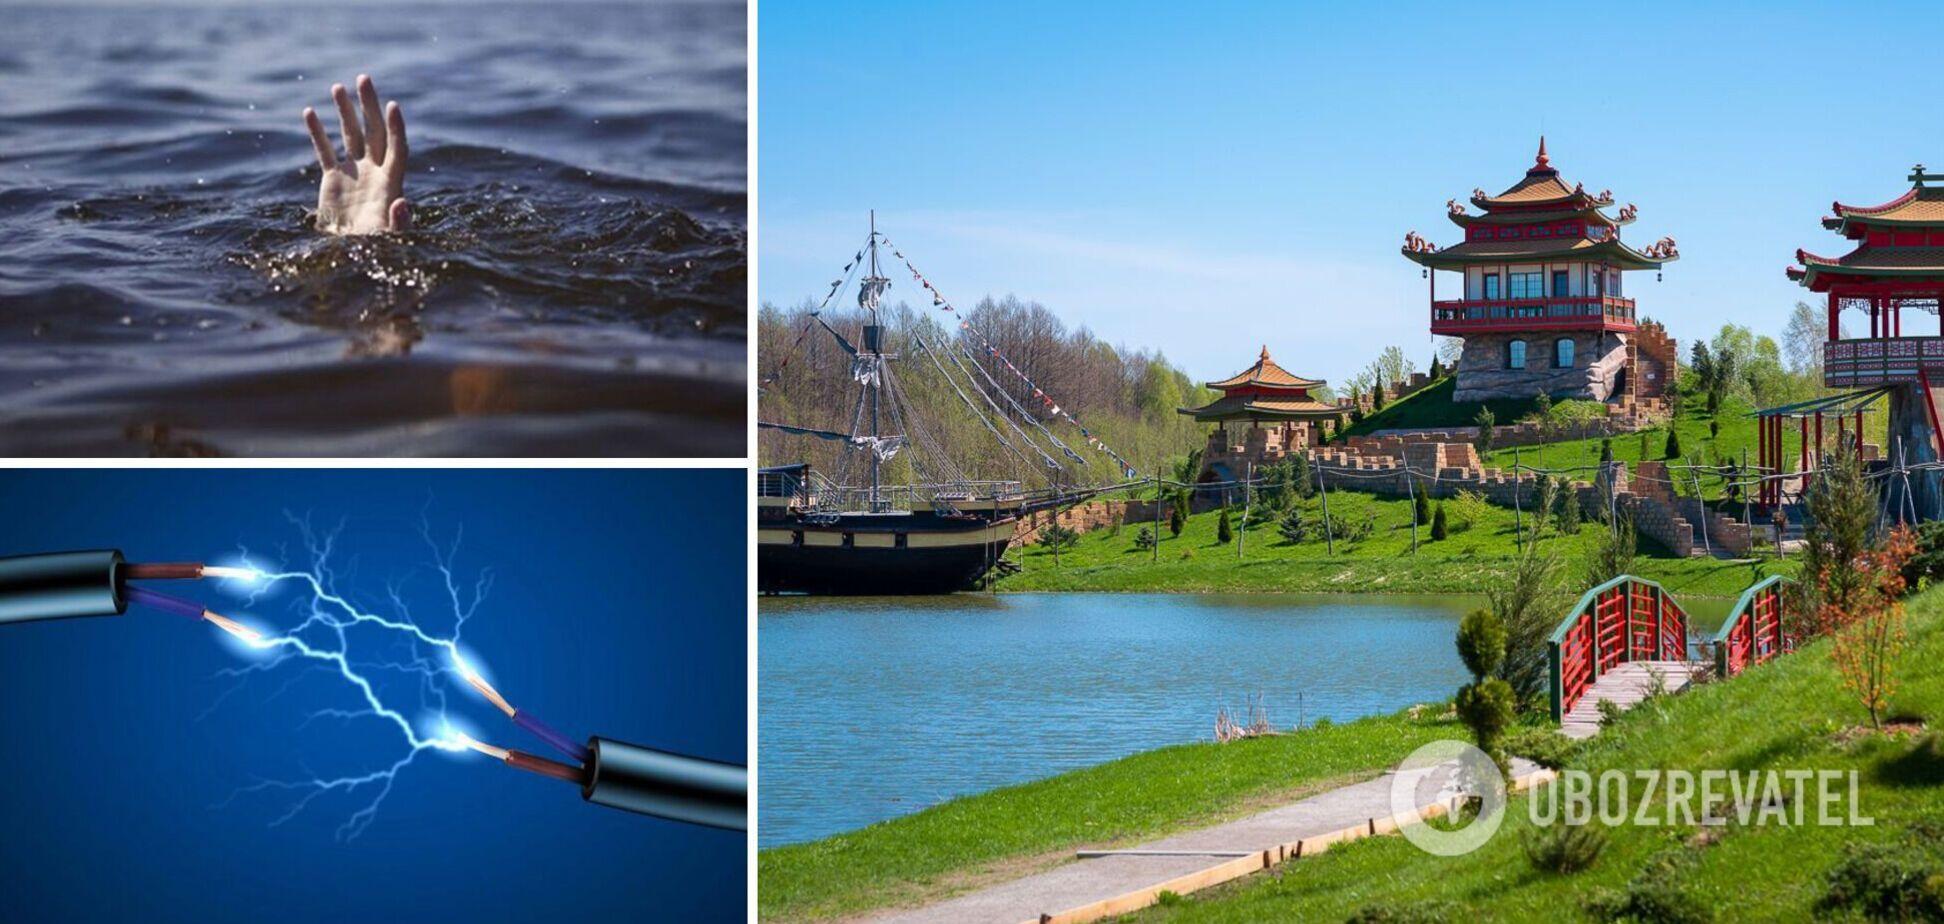 На Черниговщине в озере загадочно погибли два человека: их могло убить током – СМИ